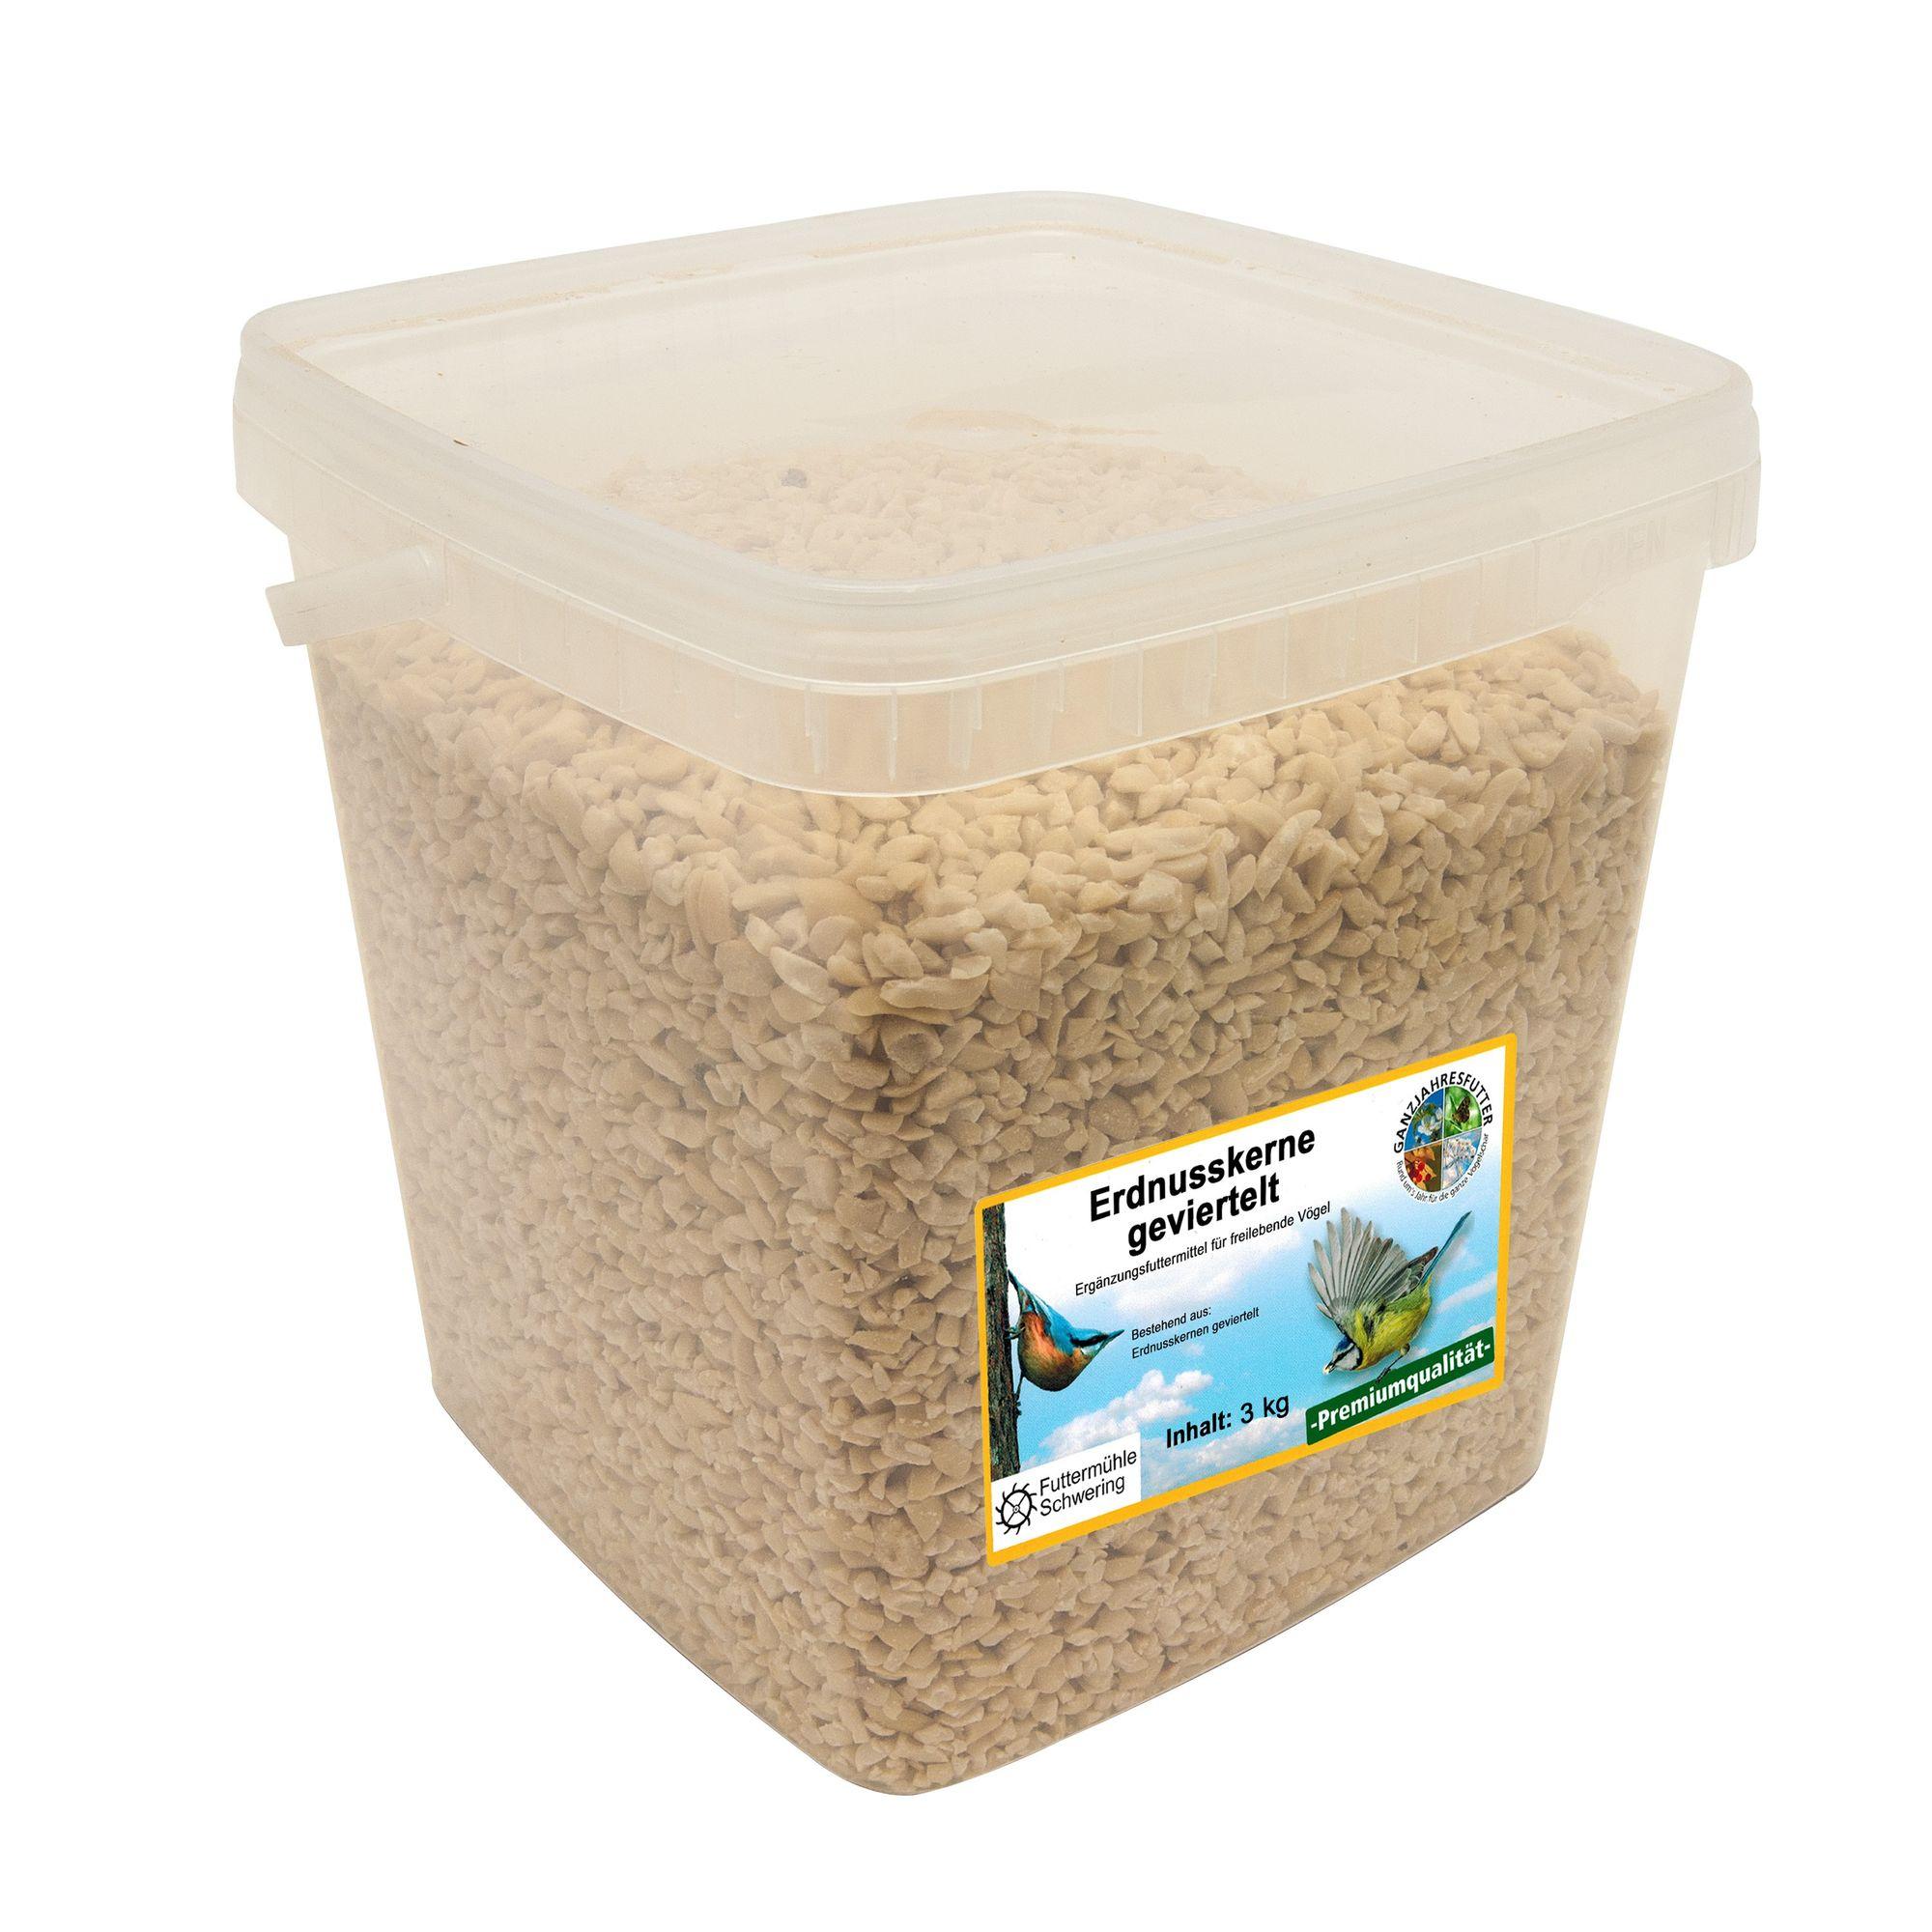 Erdnusskerne geviertelt 3 kg Eimer